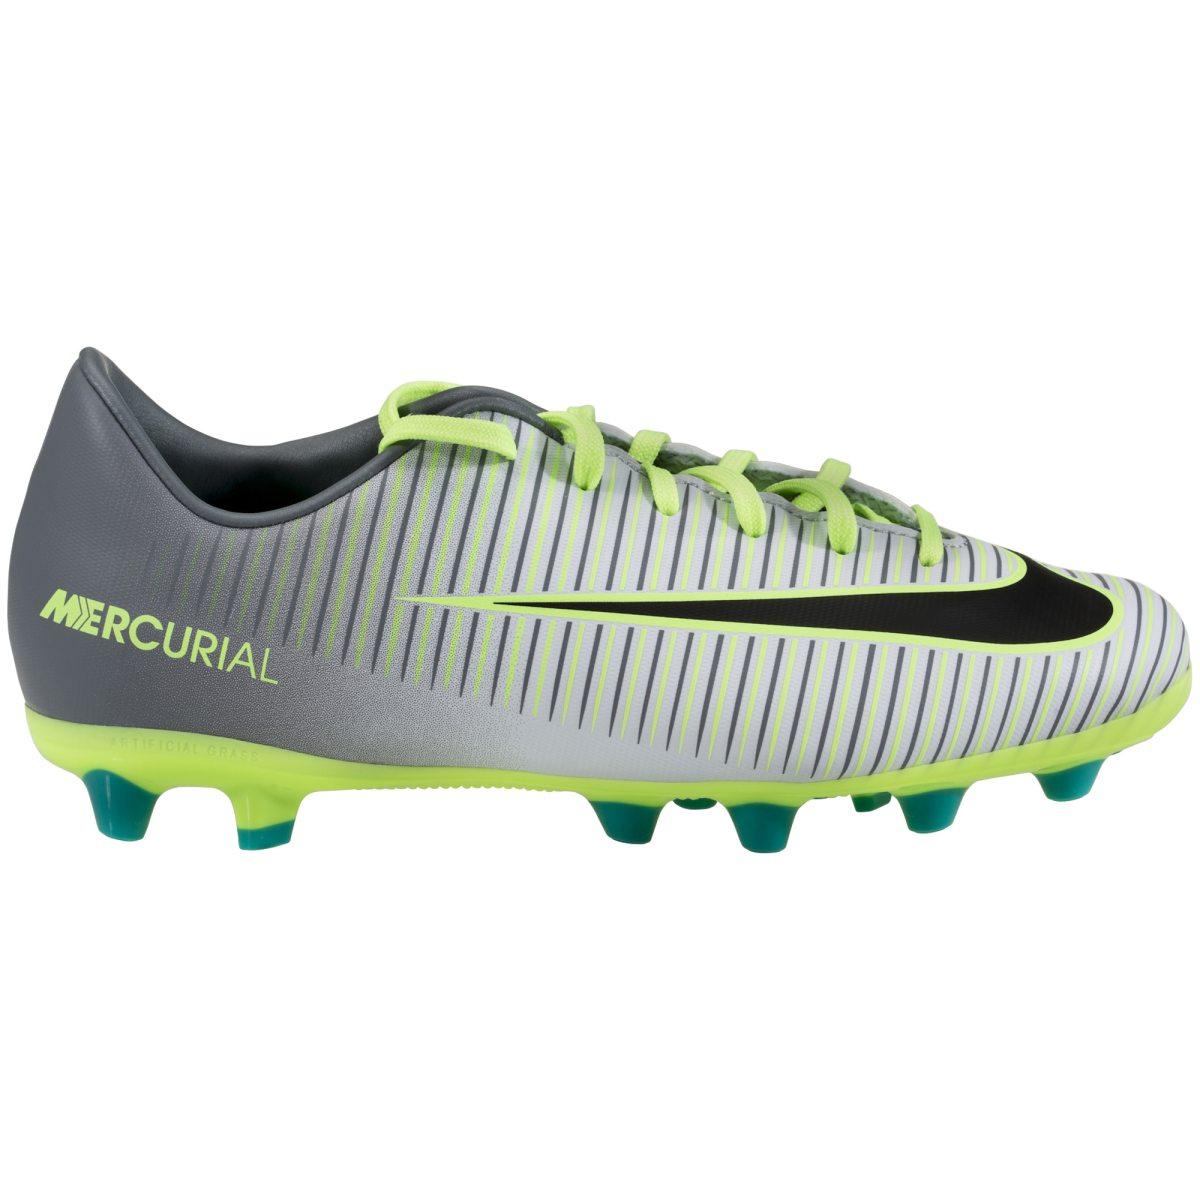 factory authentic afb6e 927d4 Nike - Mercurial Vapor X AG Vit-Neon-Svart